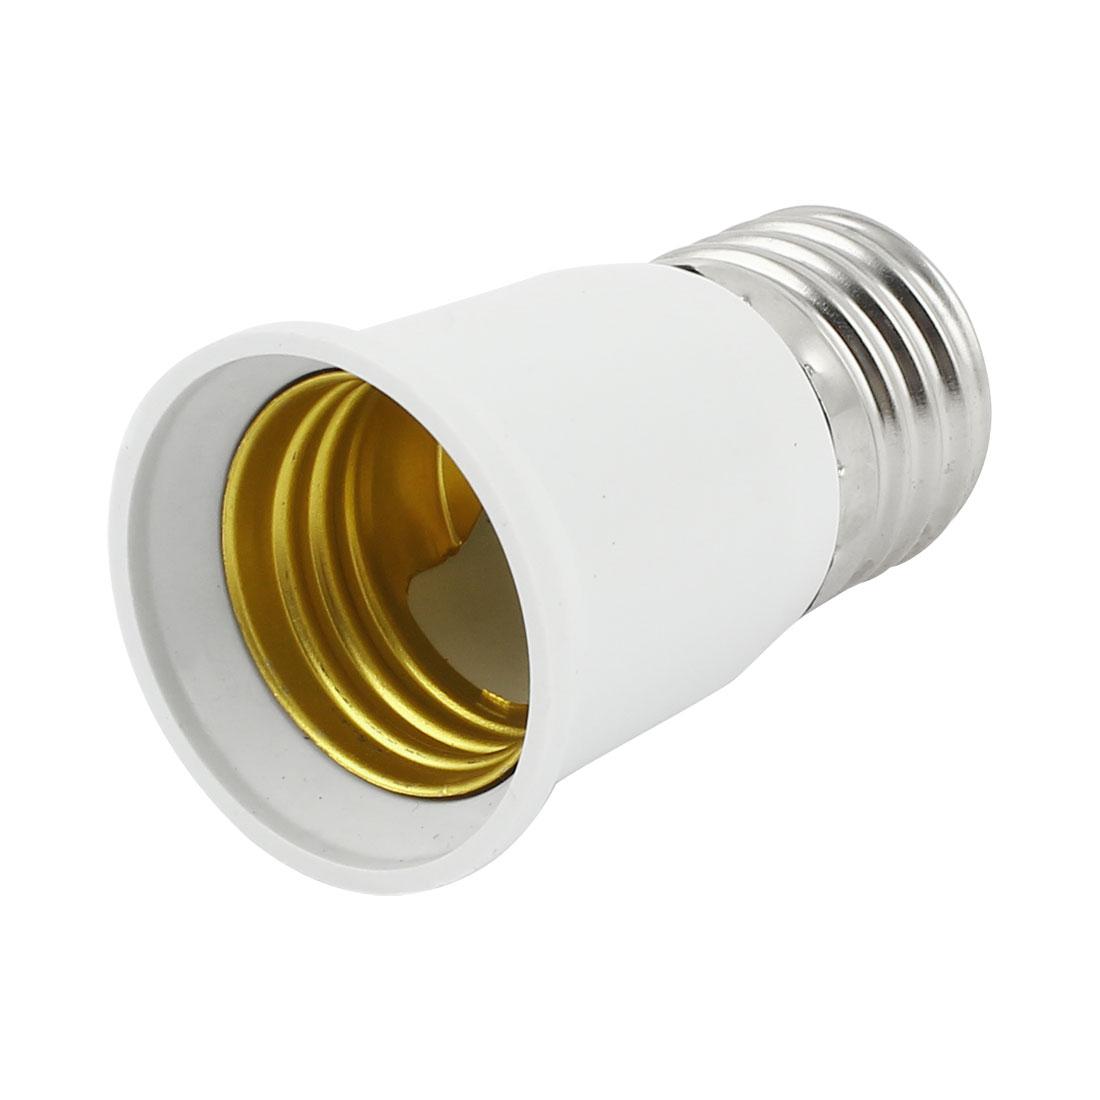 E27 to E27 Bulb Base Light Screw Lamp Socket Adapters Converter AC 110V-220V